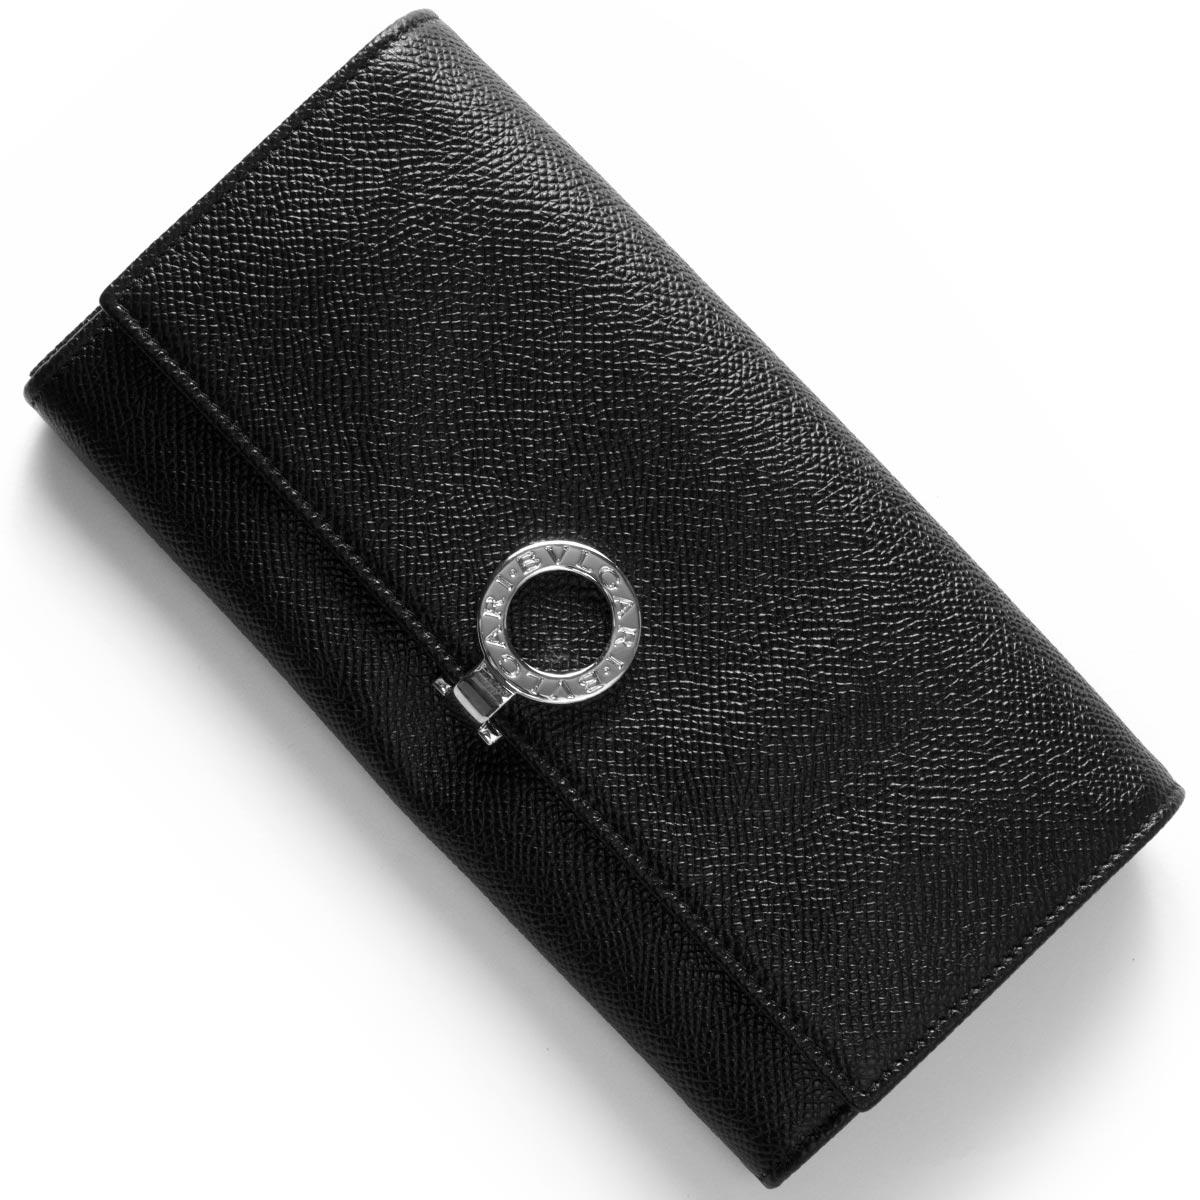 ブルガリ 長財布 財布 メンズ レディース ブルガリブルガリ ブラック 30414 BVLGARI